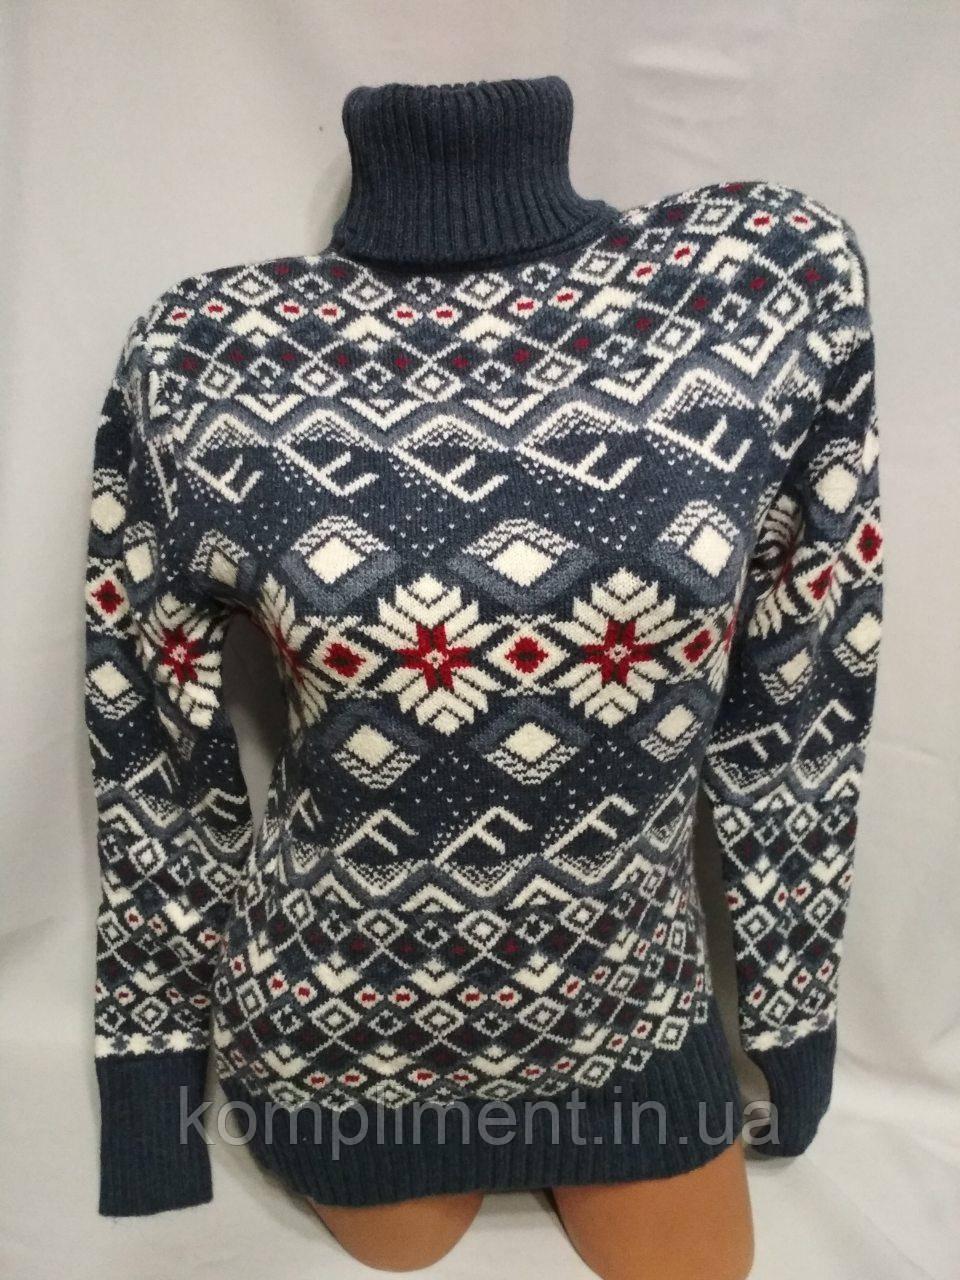 Женский шерстяной вязаный свитер с горлом, джинс. Турция.